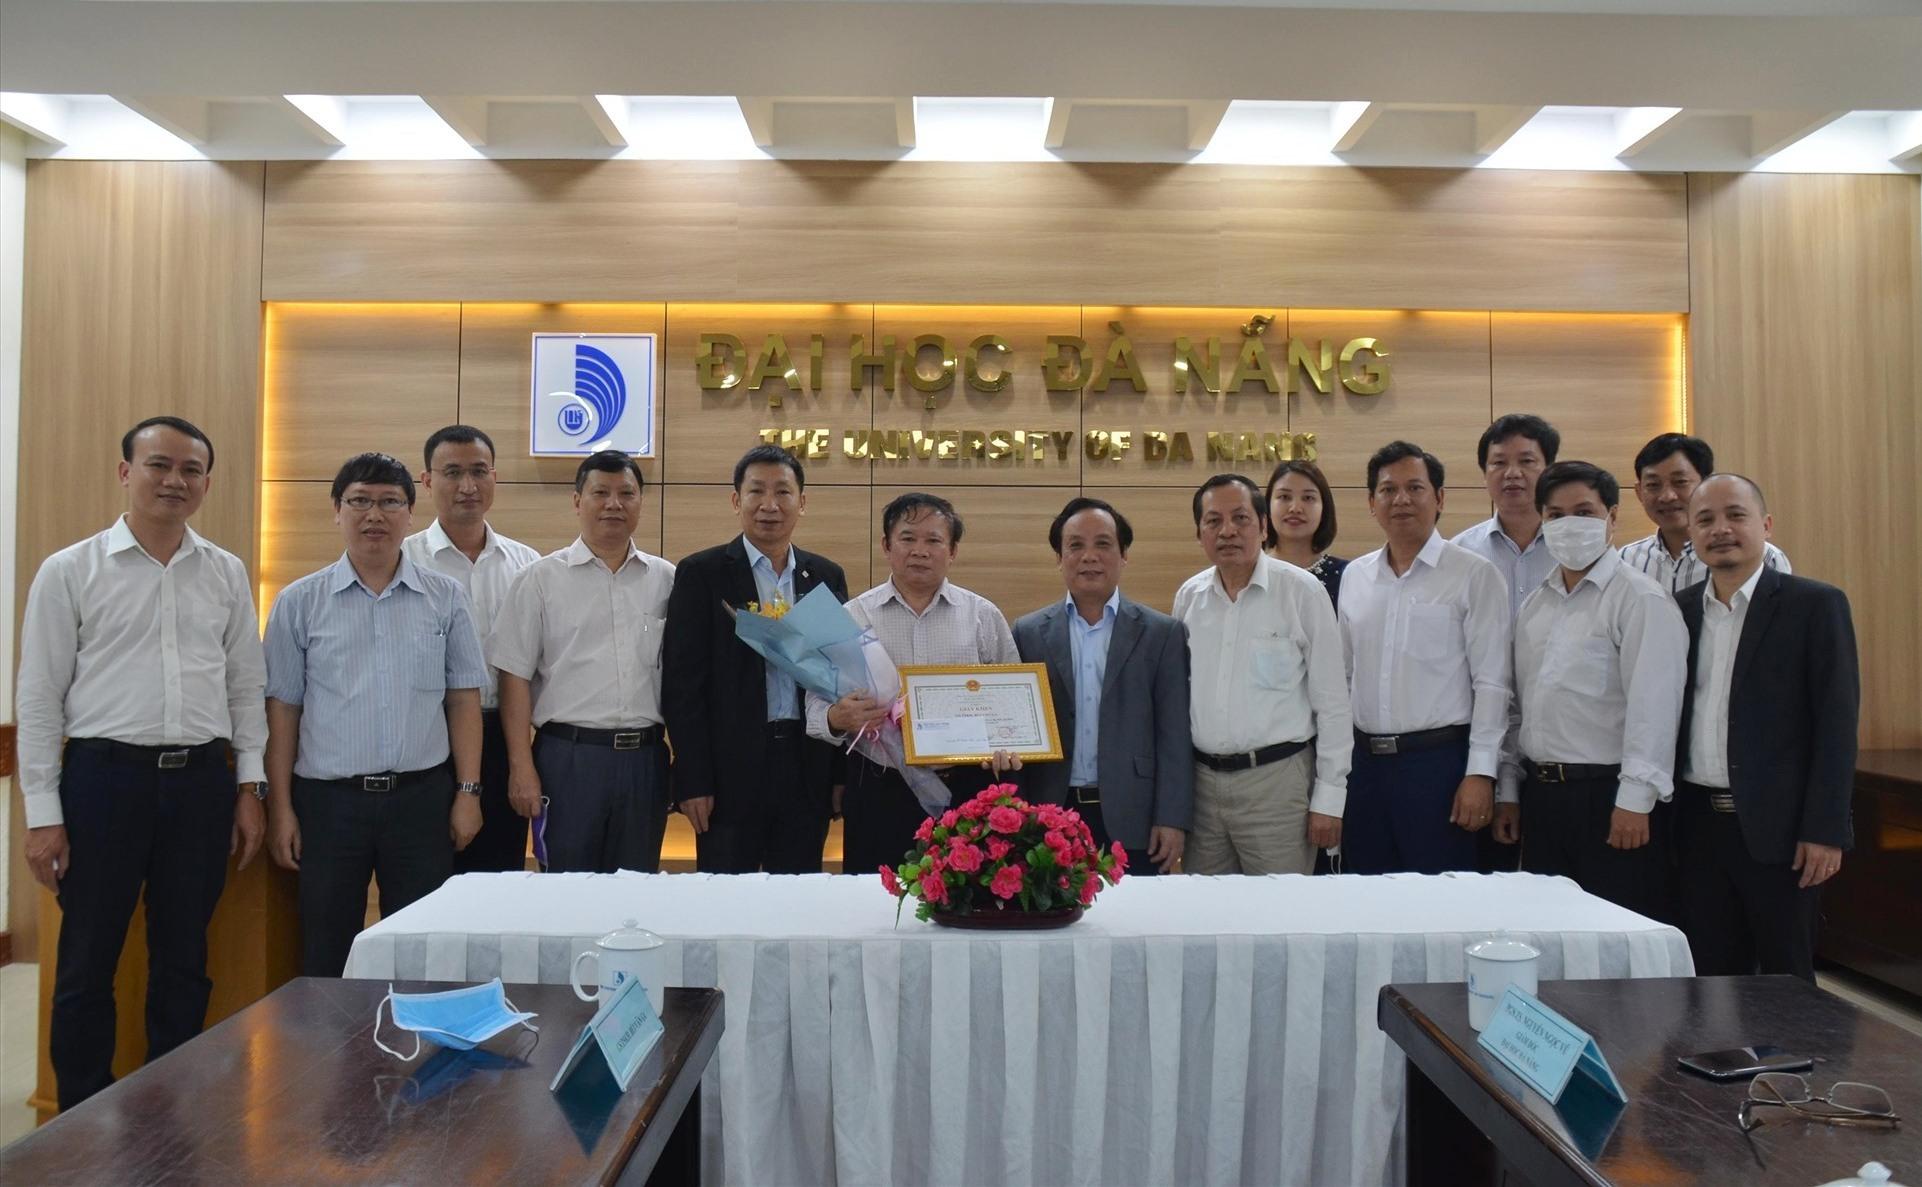 Giám đốc Đại học Đà Nẵng thưởng nóng cho GS.TSKH Bùi Văn Ga với sáng chế.máy đo thân nhiệt từ xa. .Ảnh QL